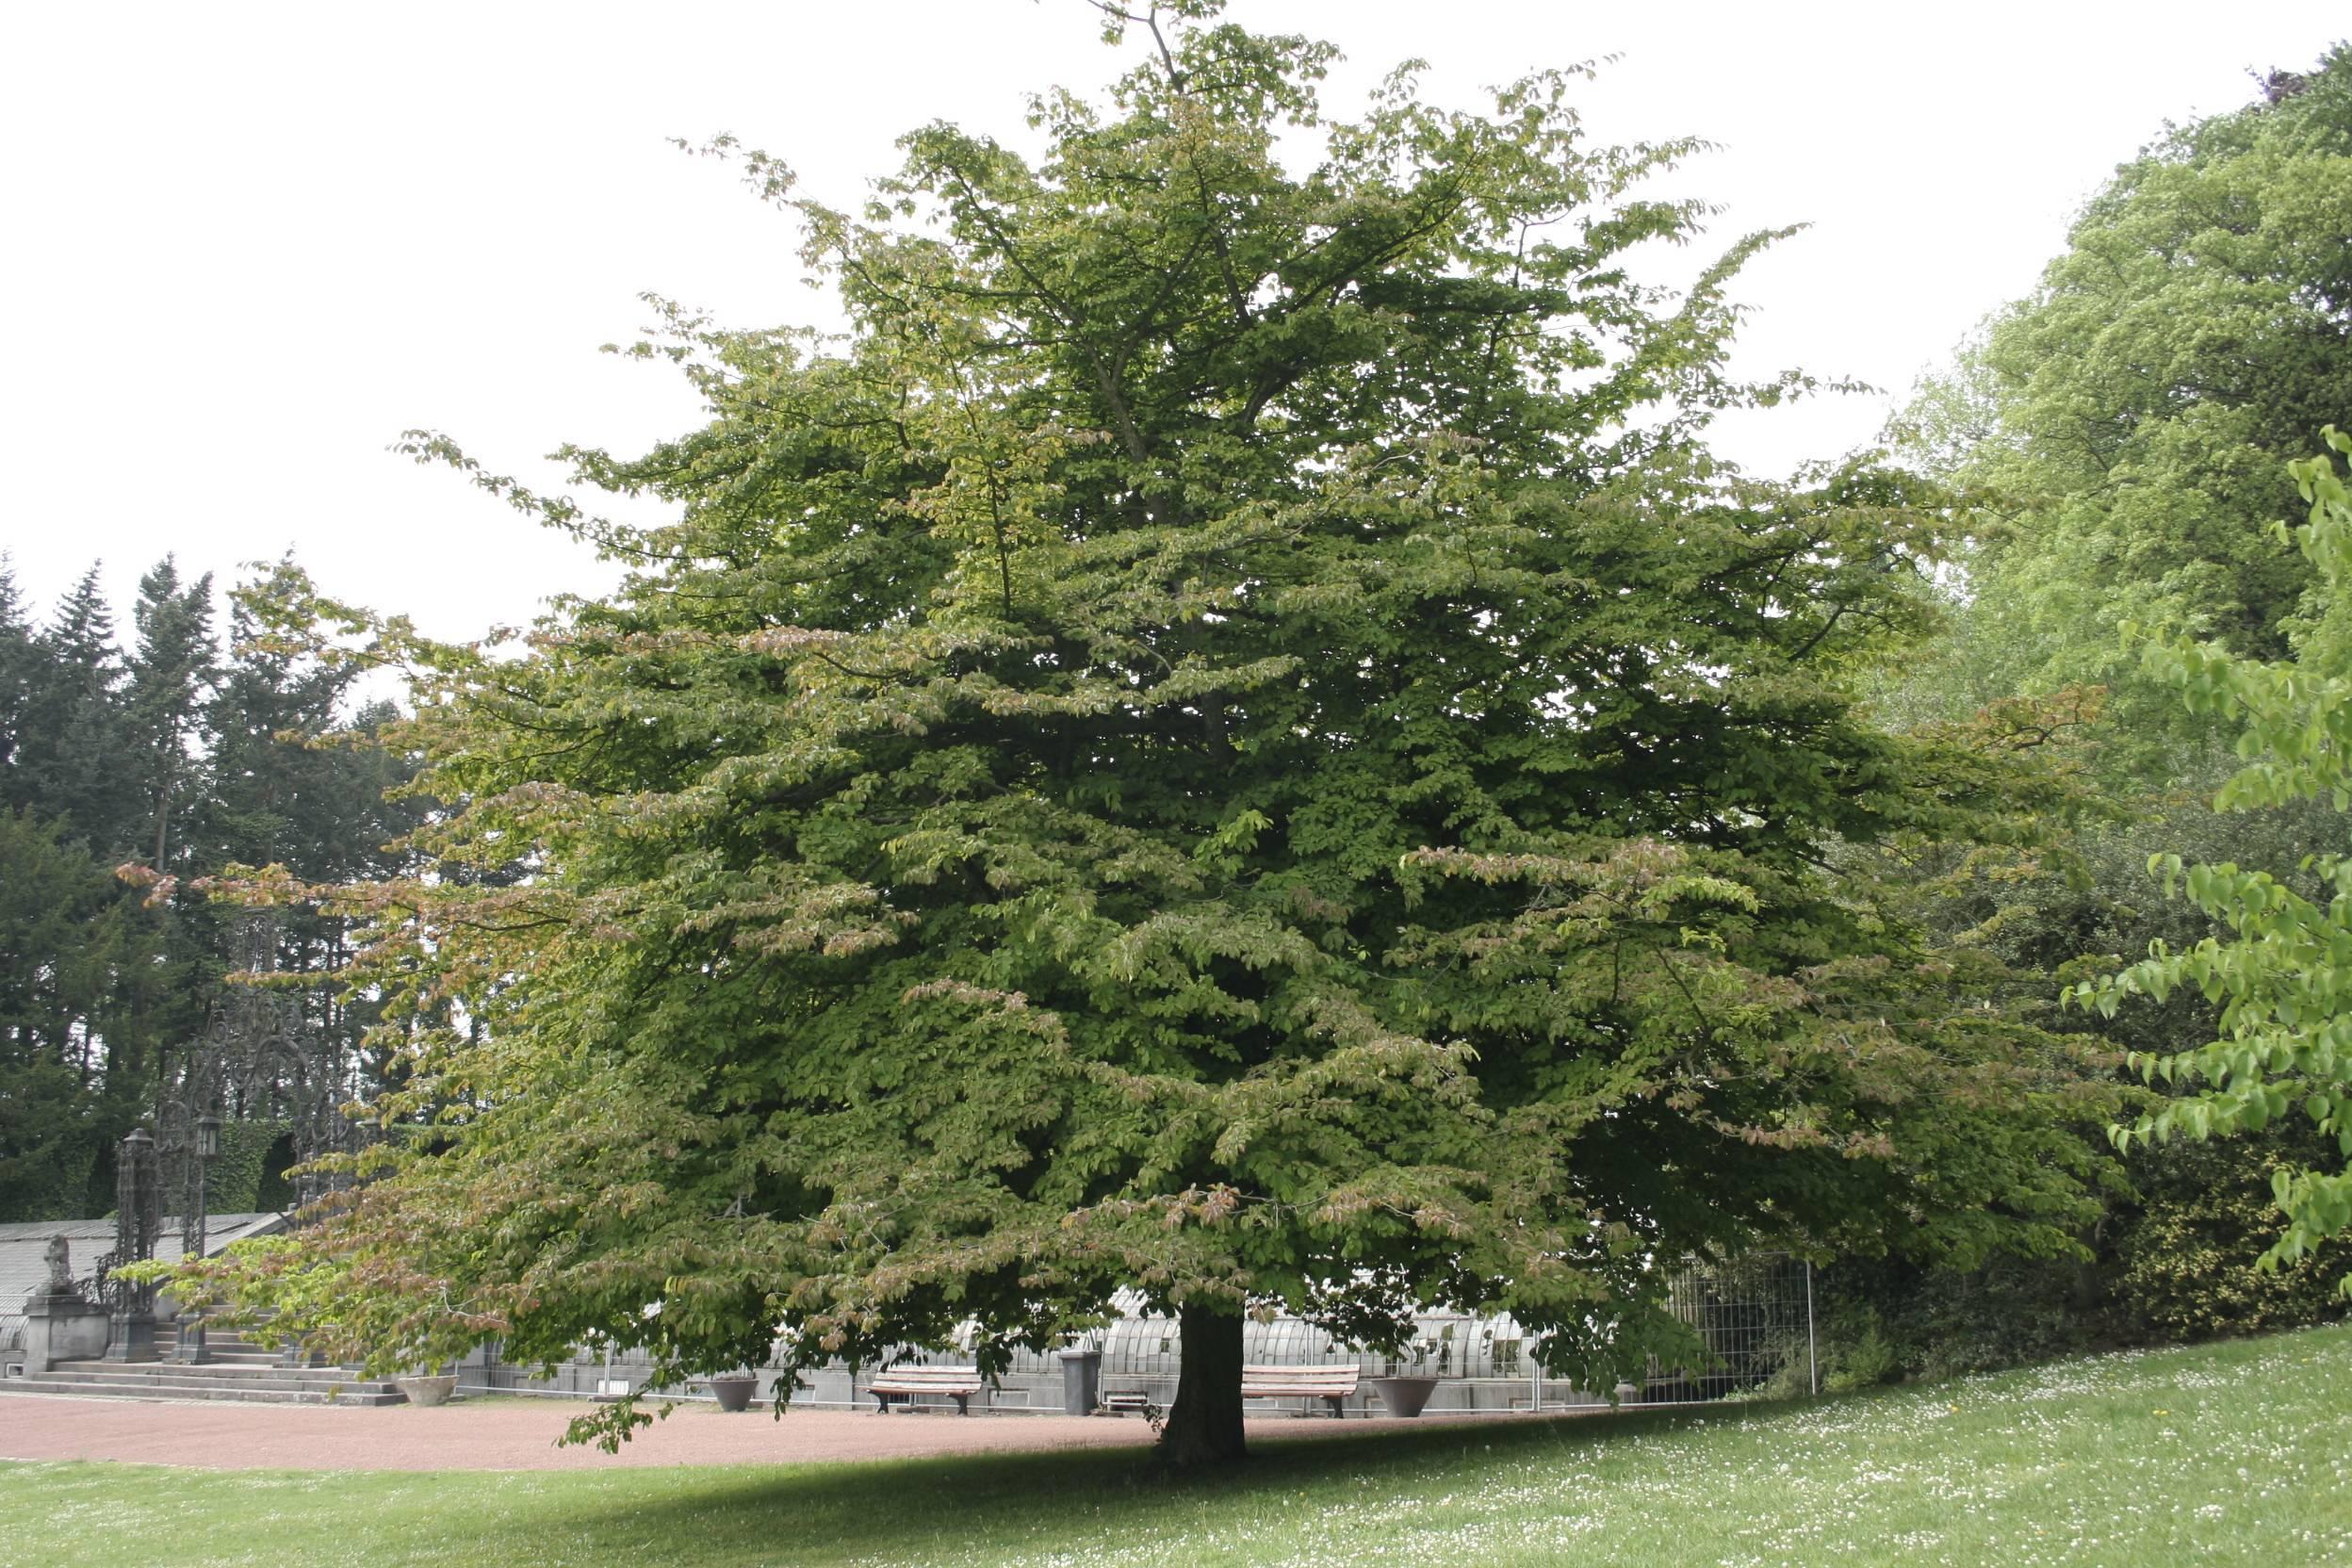 Железное дерево, или береза шмидта: описание растения, особенности древисины